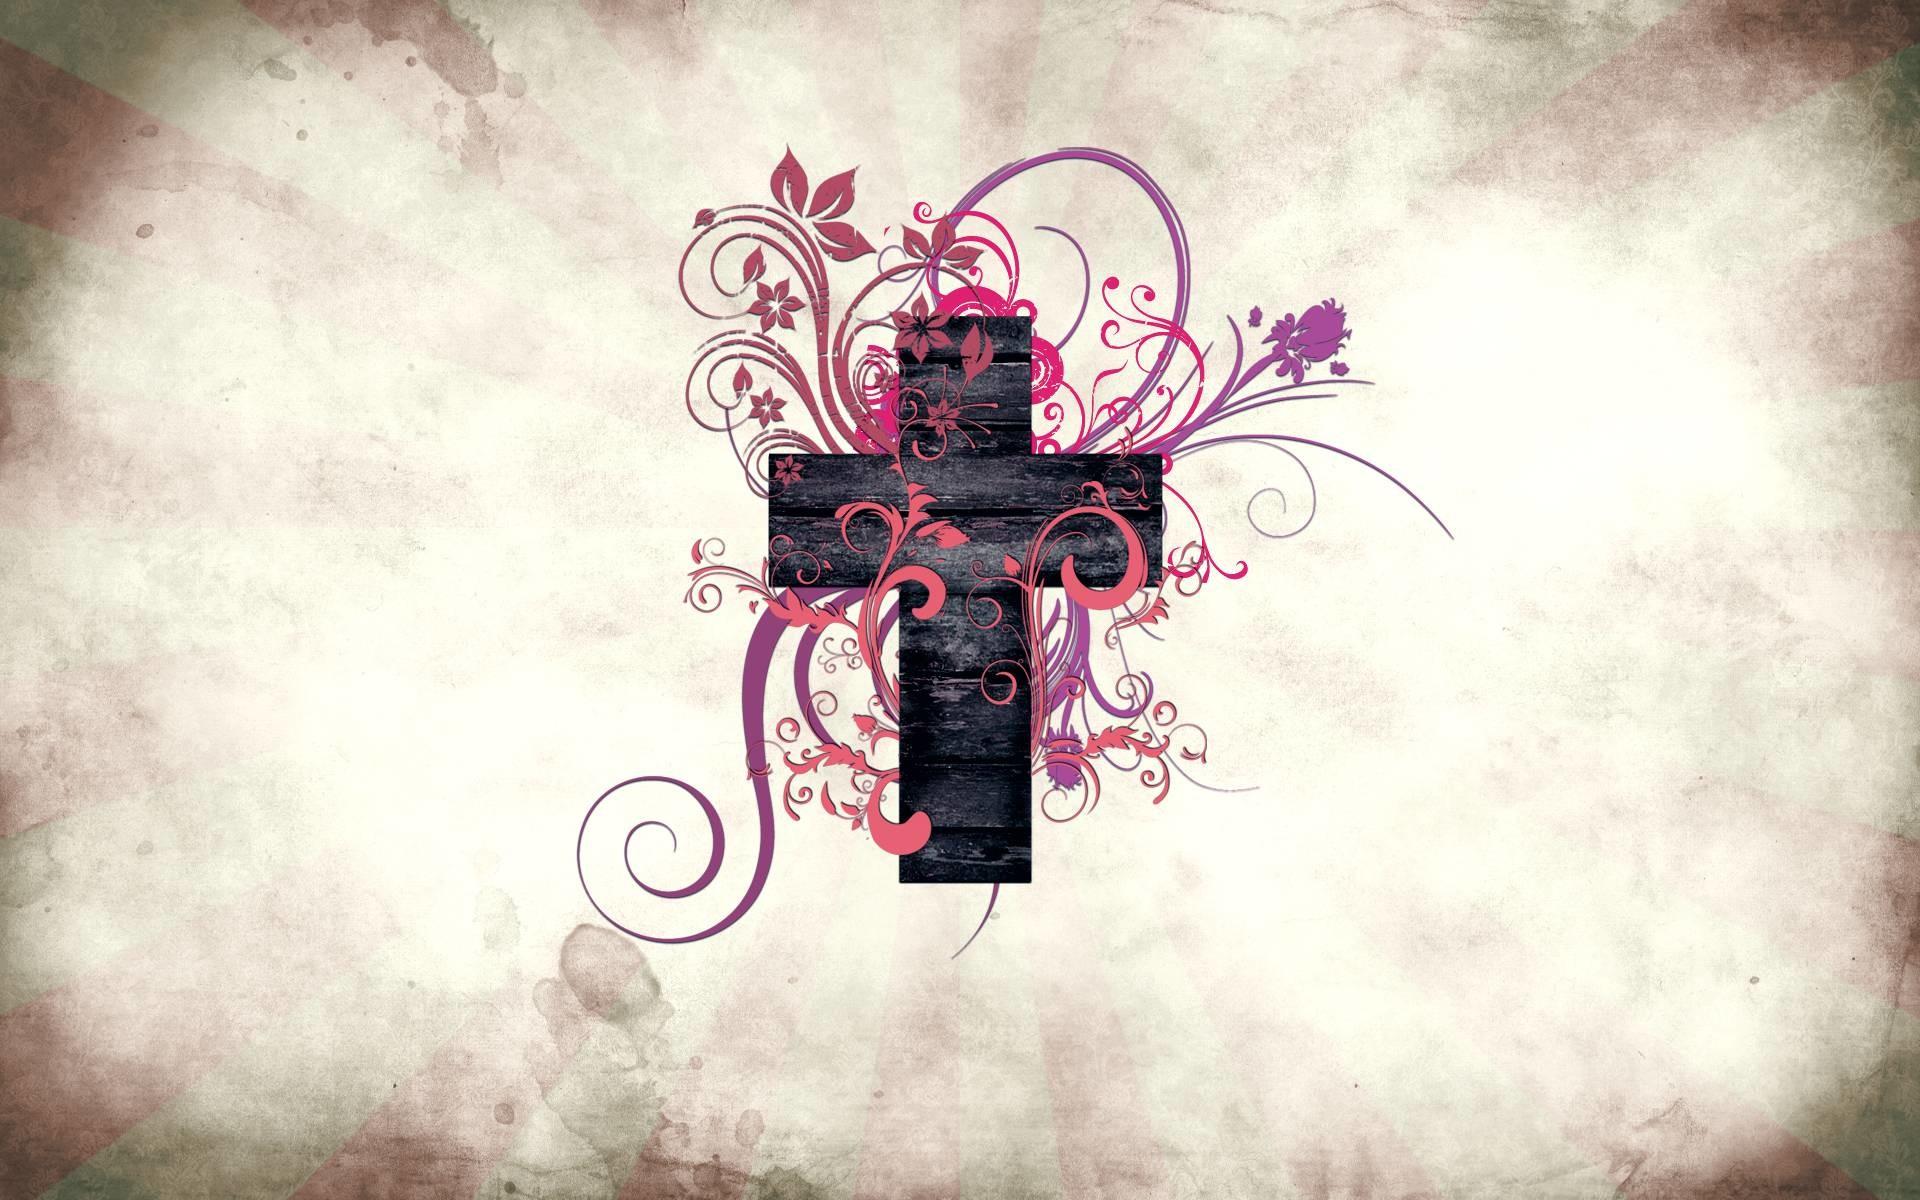 Abstract Art Cross Desktop Free Wallpaper